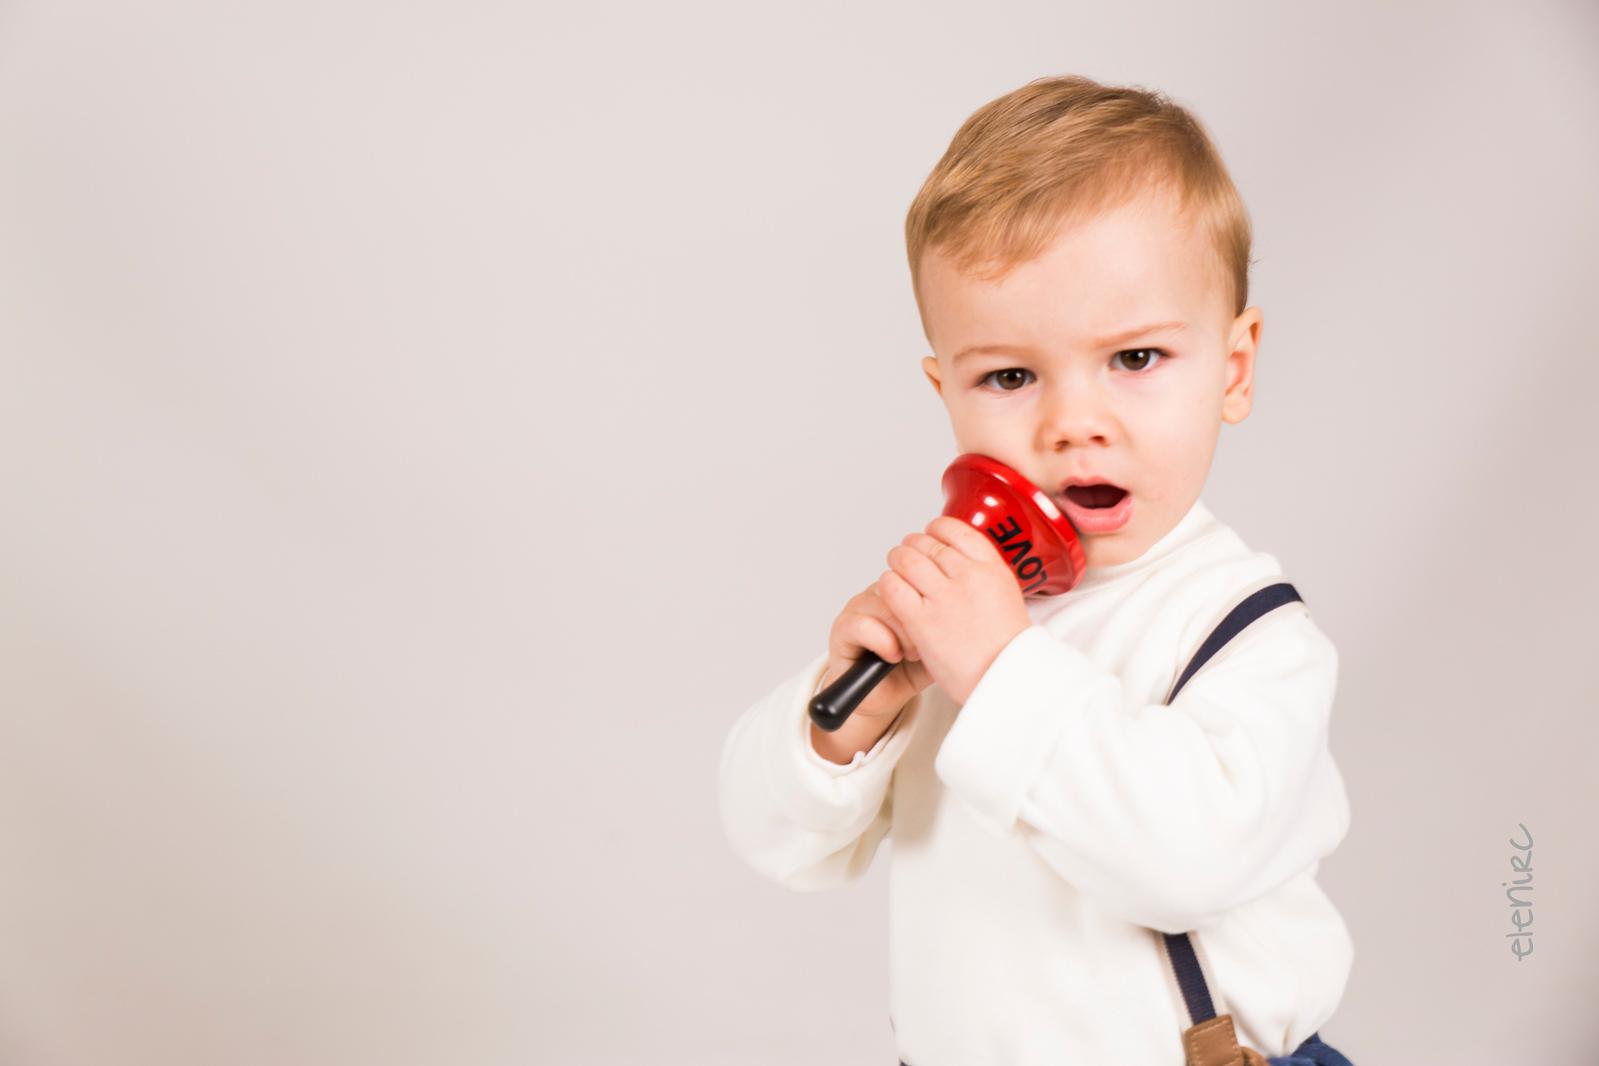 fotografo infantil, fotografo familia, fotografo de navidad, elena rubio fotografa mollet en la maleta1